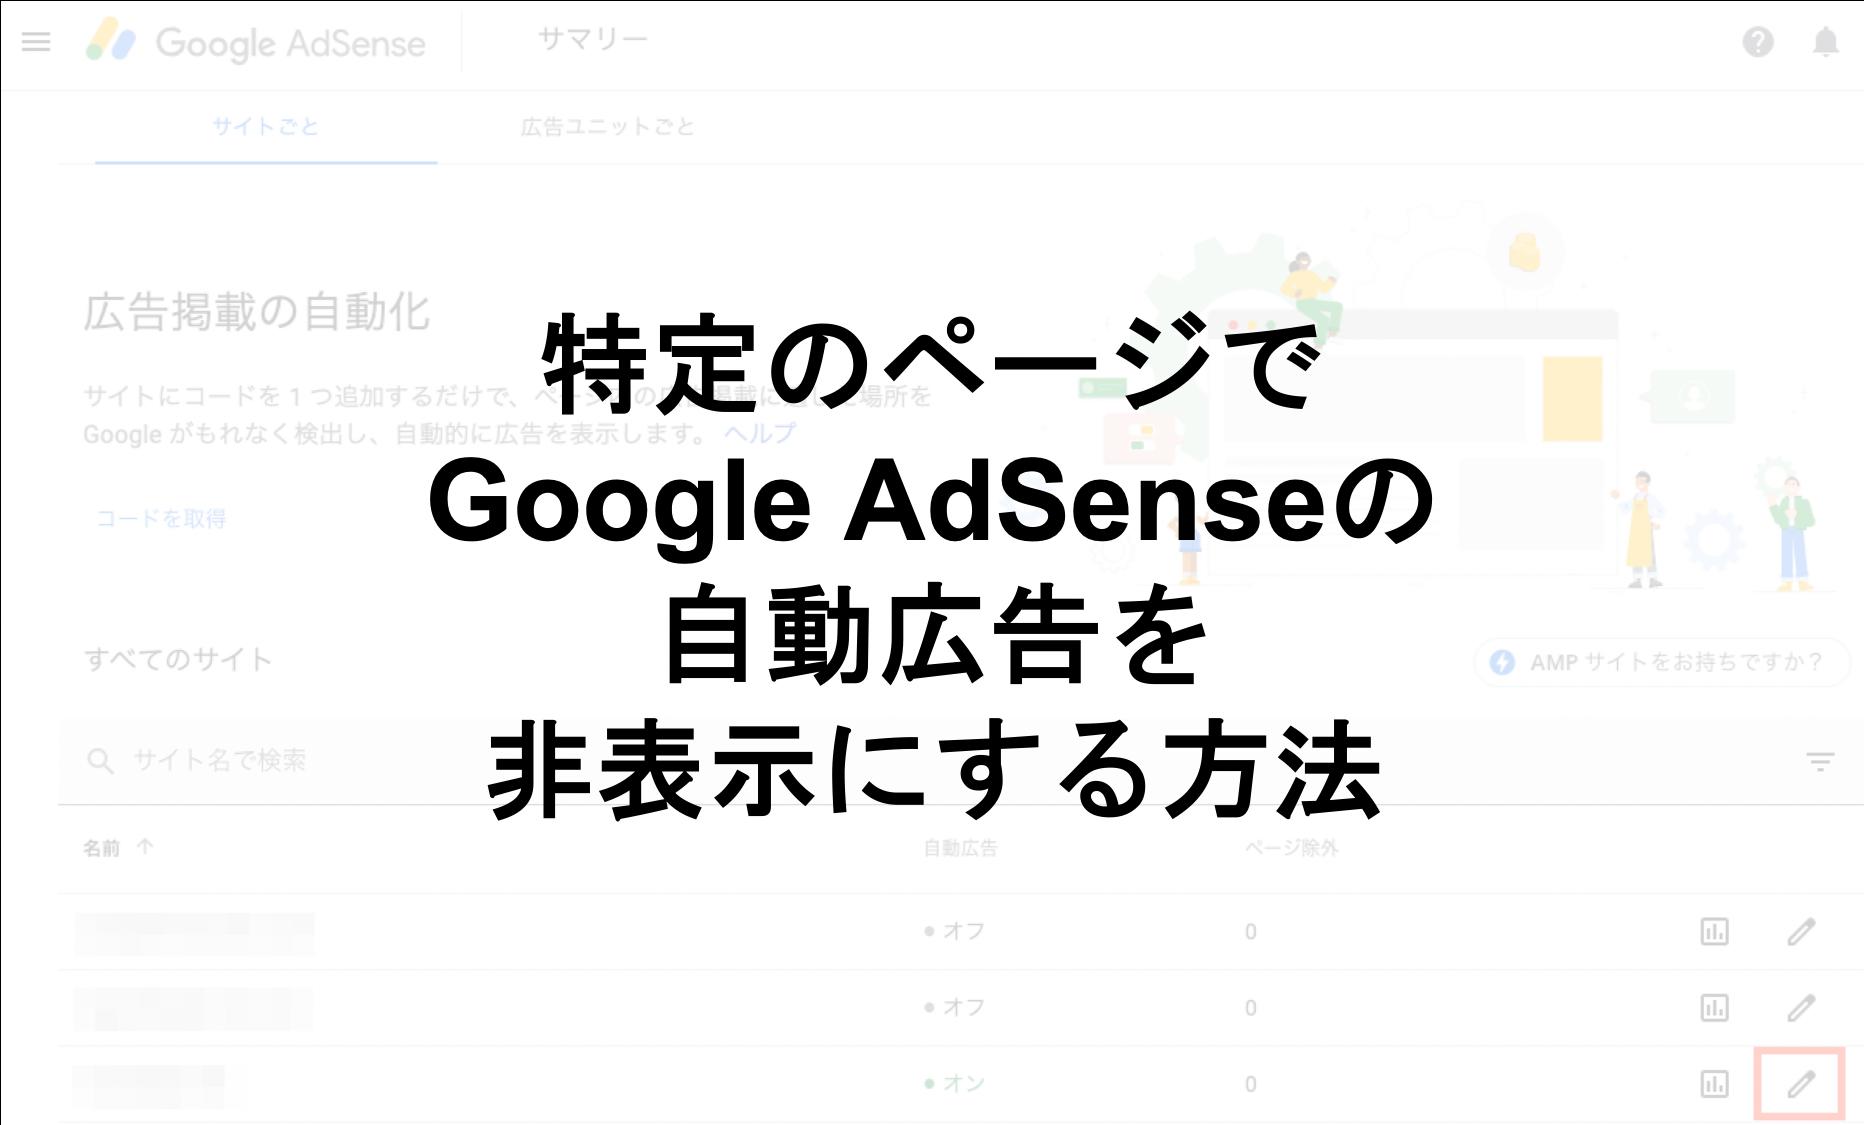 特定のページでGoogle AdSenseの自動広告を非表示にする方法top